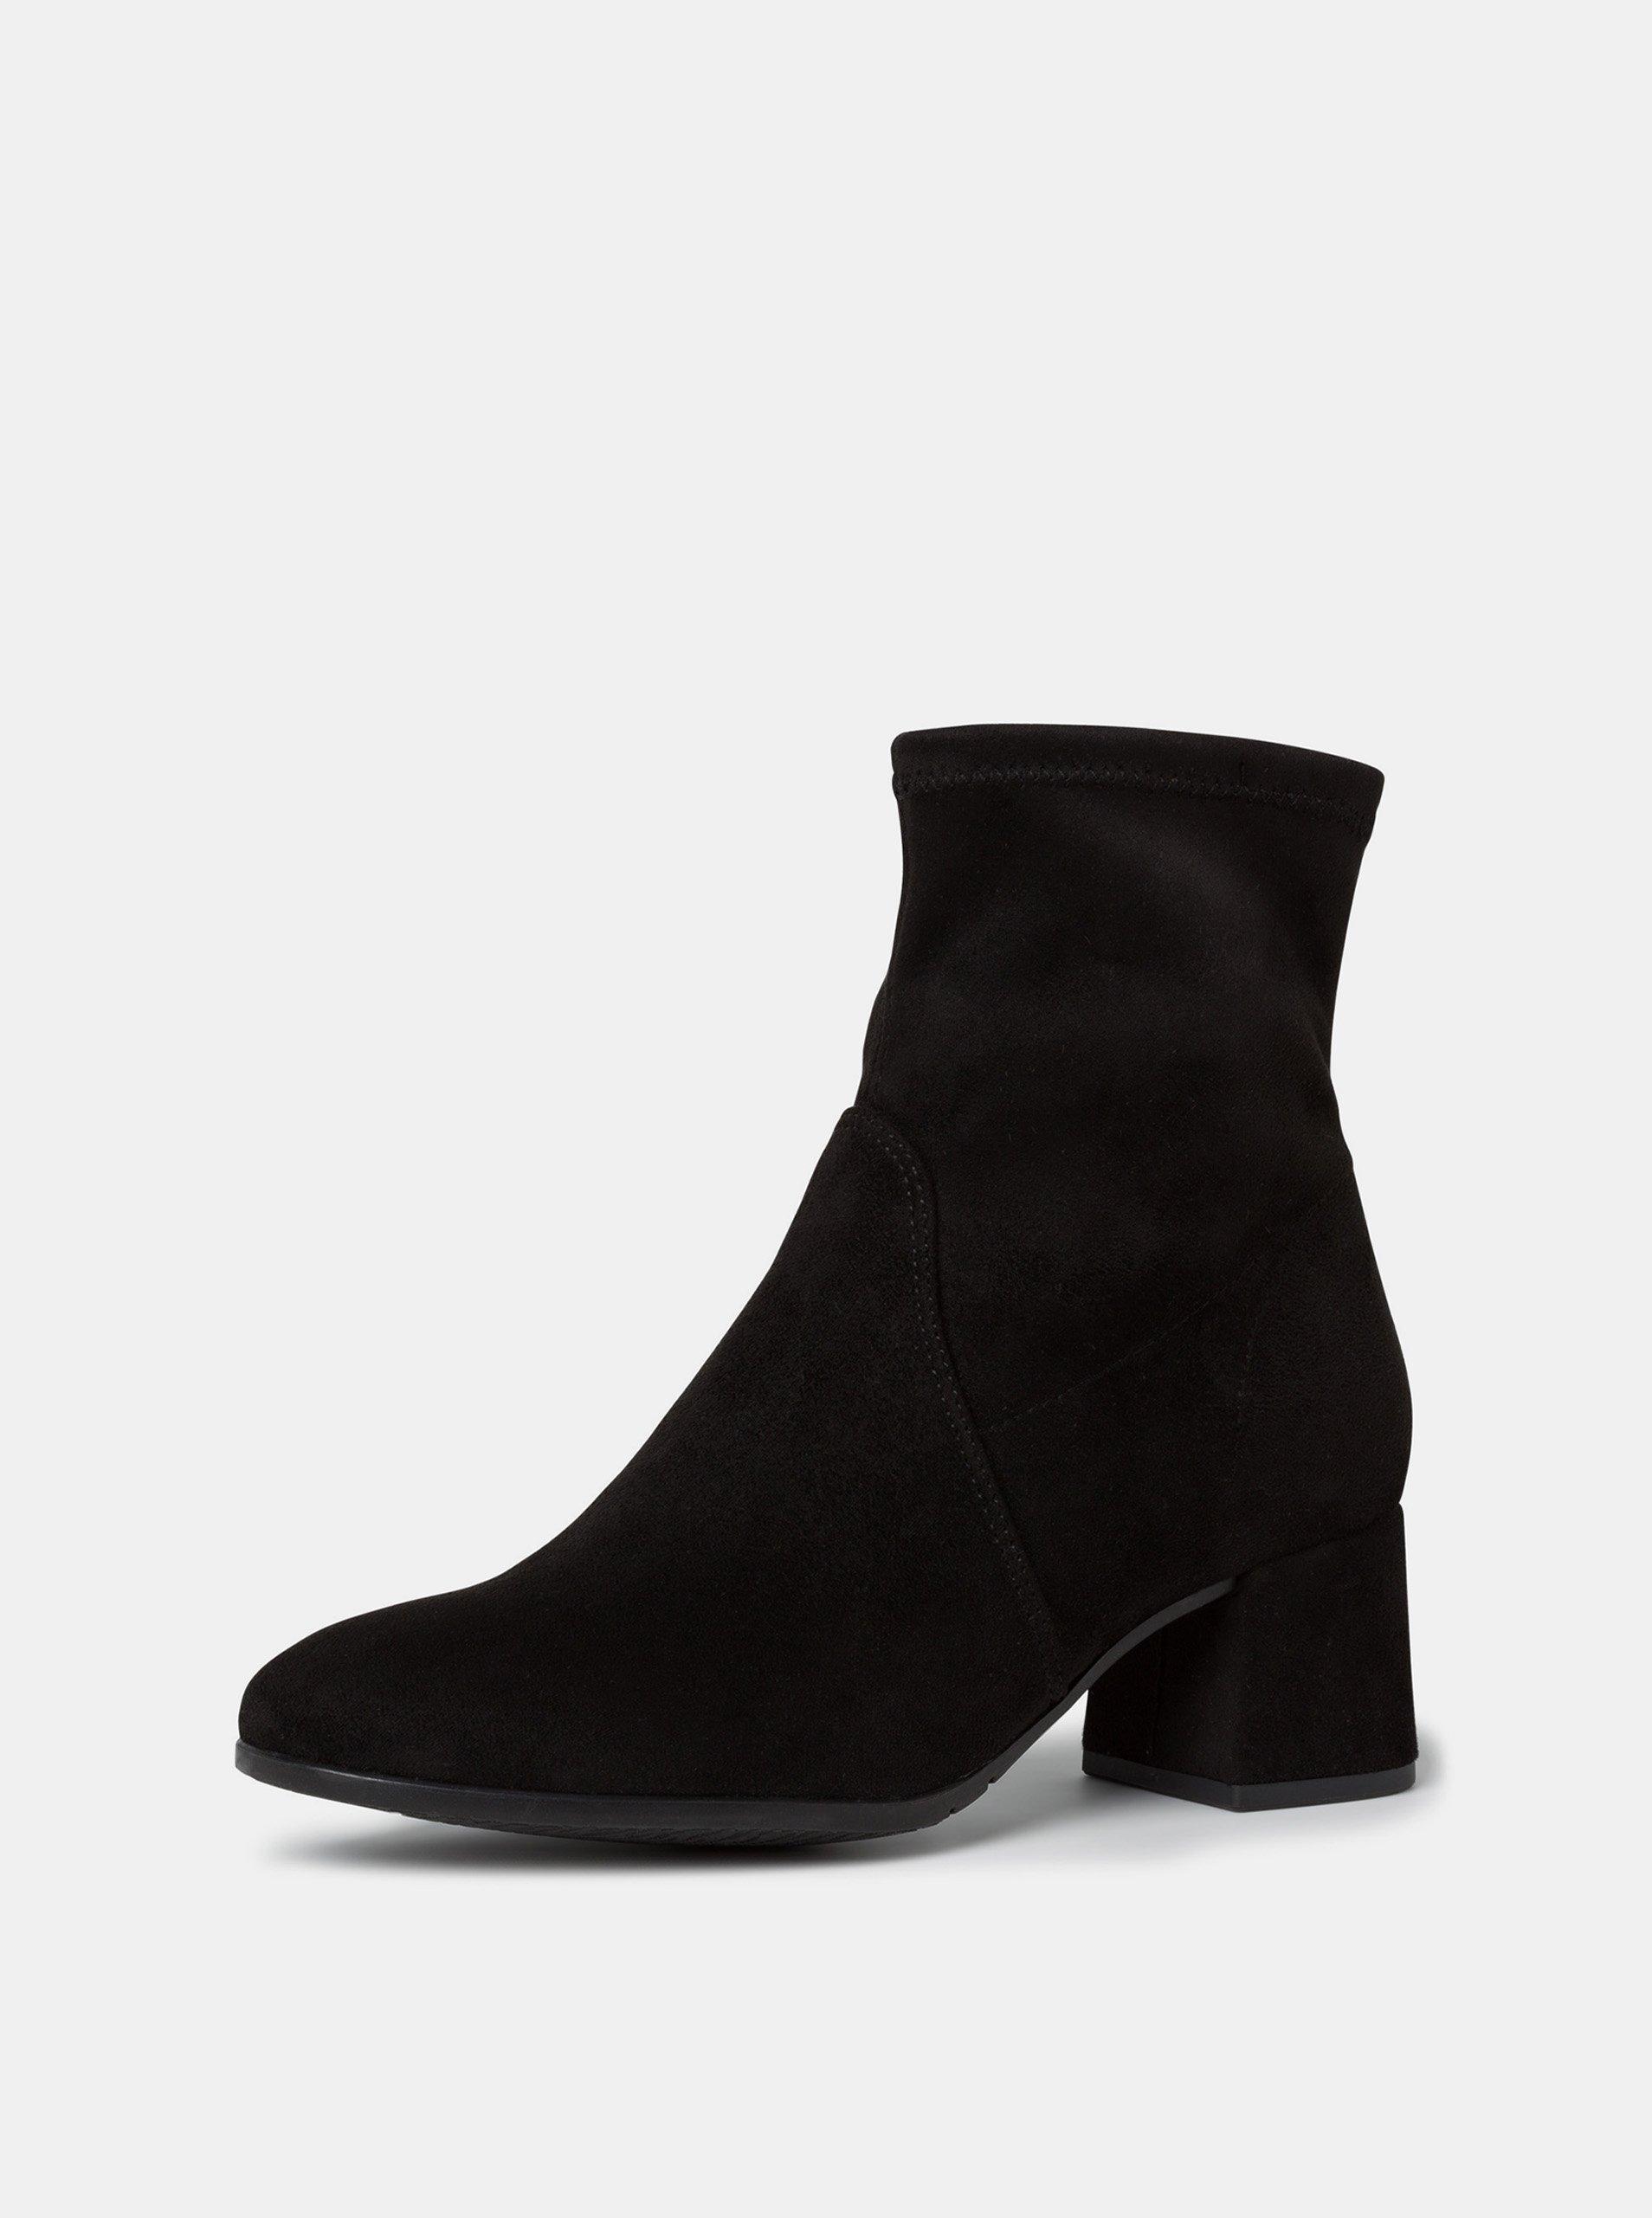 Čierne dámske členkové topánky v semišovej úprave Tamaris.